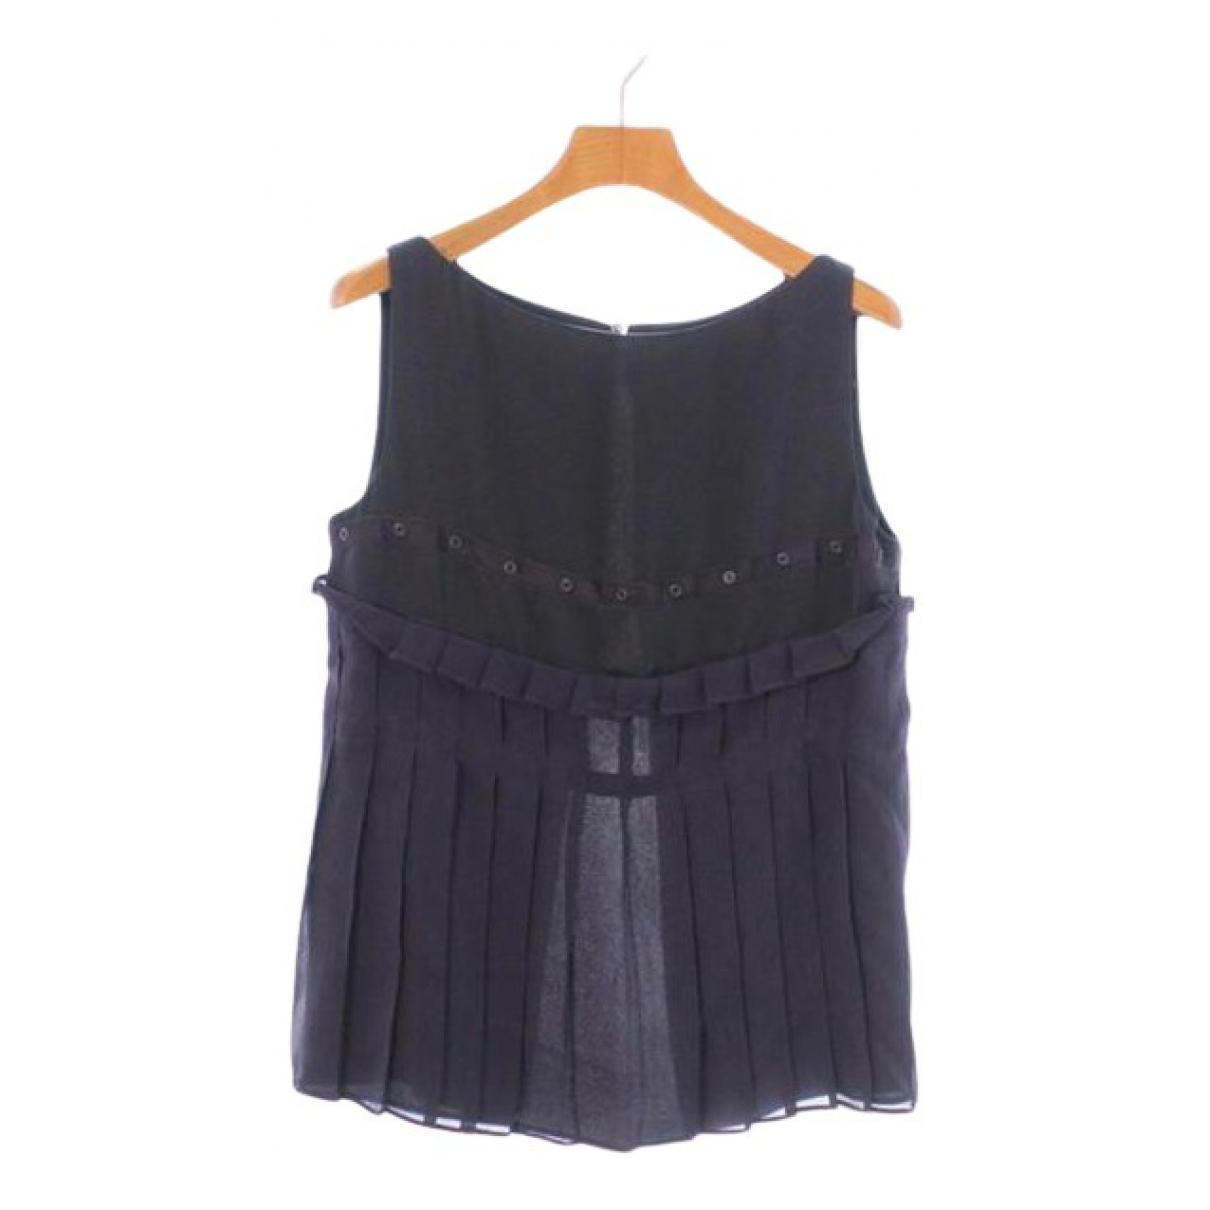 Maison Martin Margiela - Top   pour femme en soie - noir